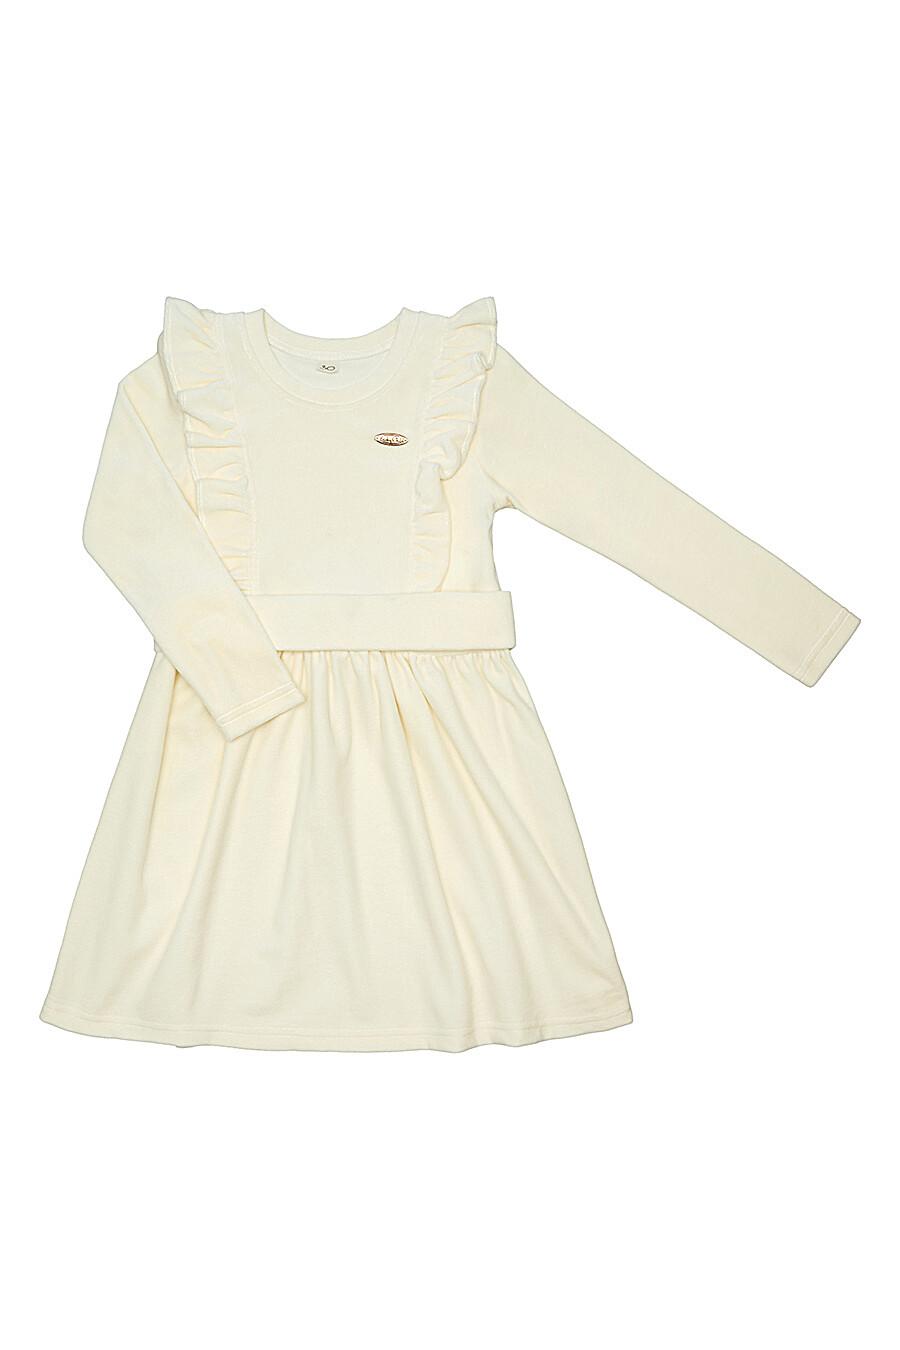 Платье LUCKY CHILD (184754), купить в Moyo.moda